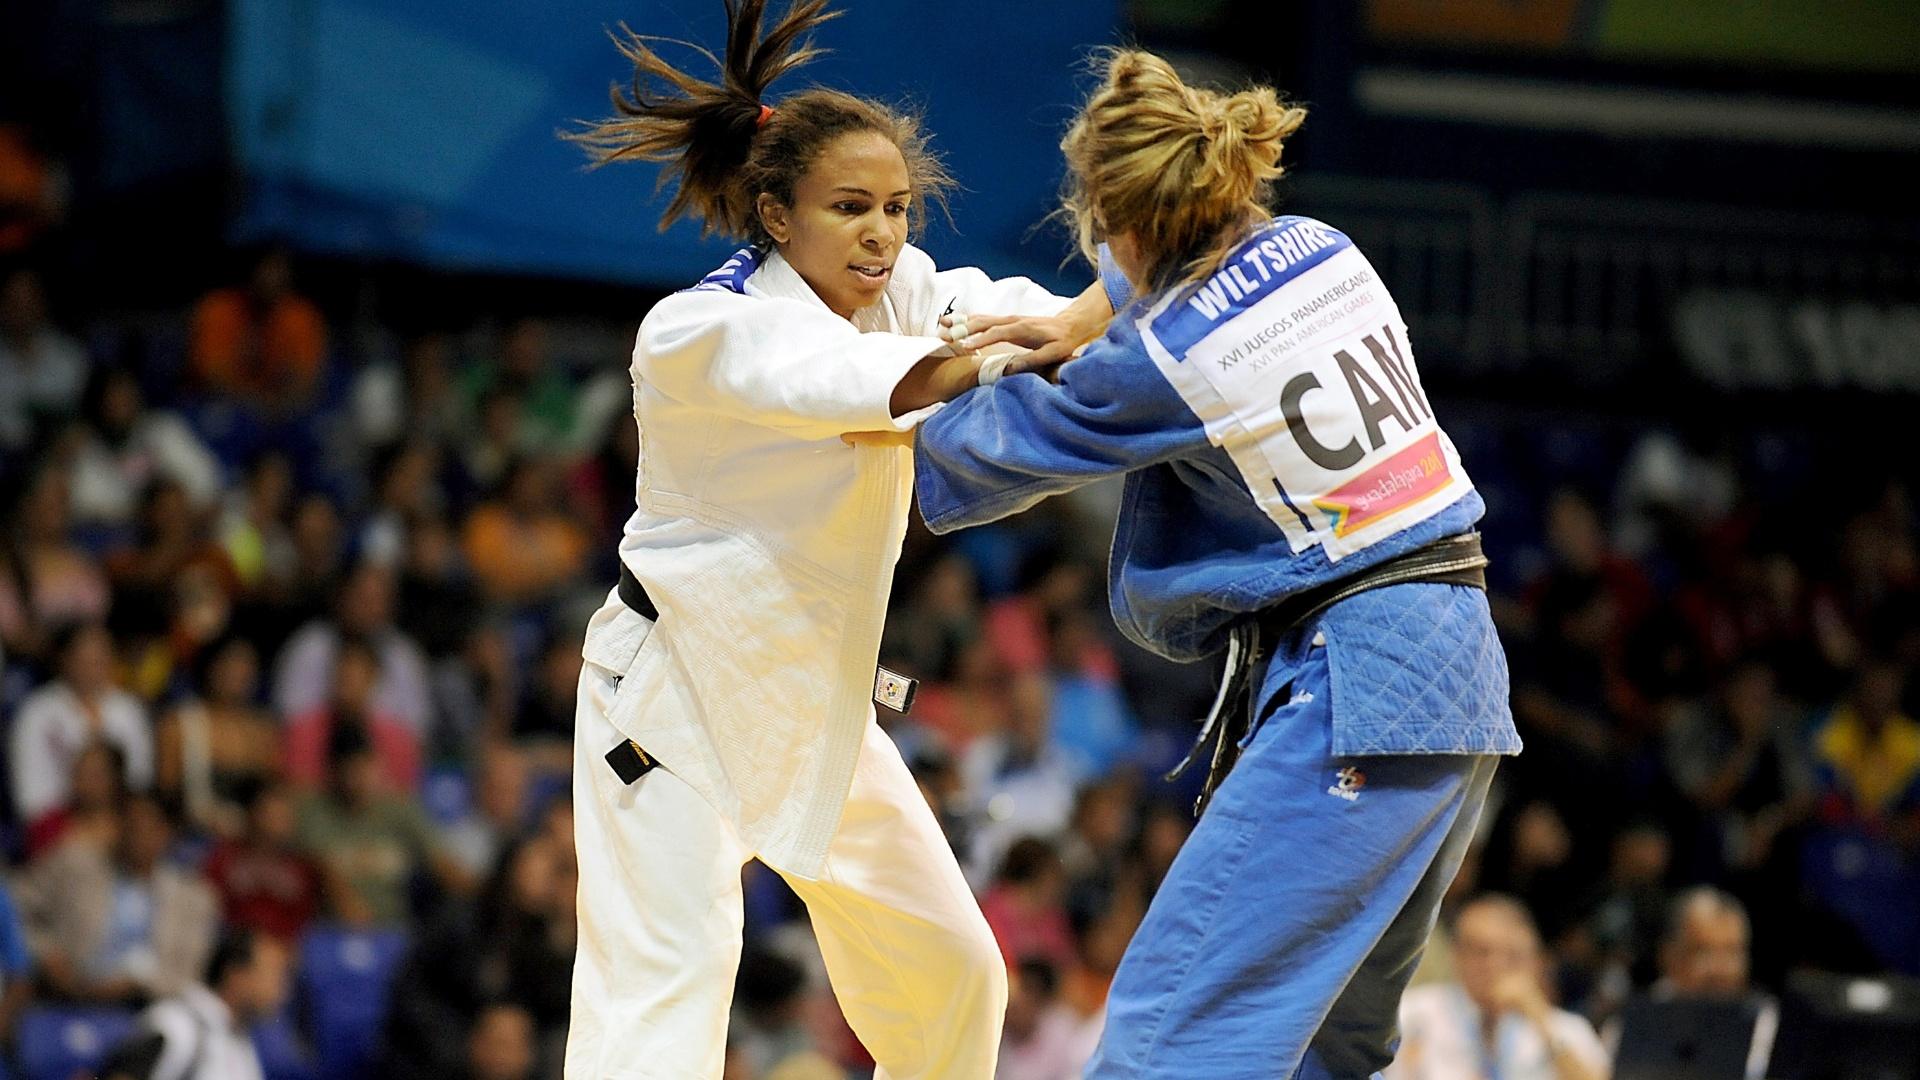 Erika Miranda venceu suas duas lutas pela manhã e está classificada para a disputada da medalha de ouro para judocas até 52 kg (29/10/2011)